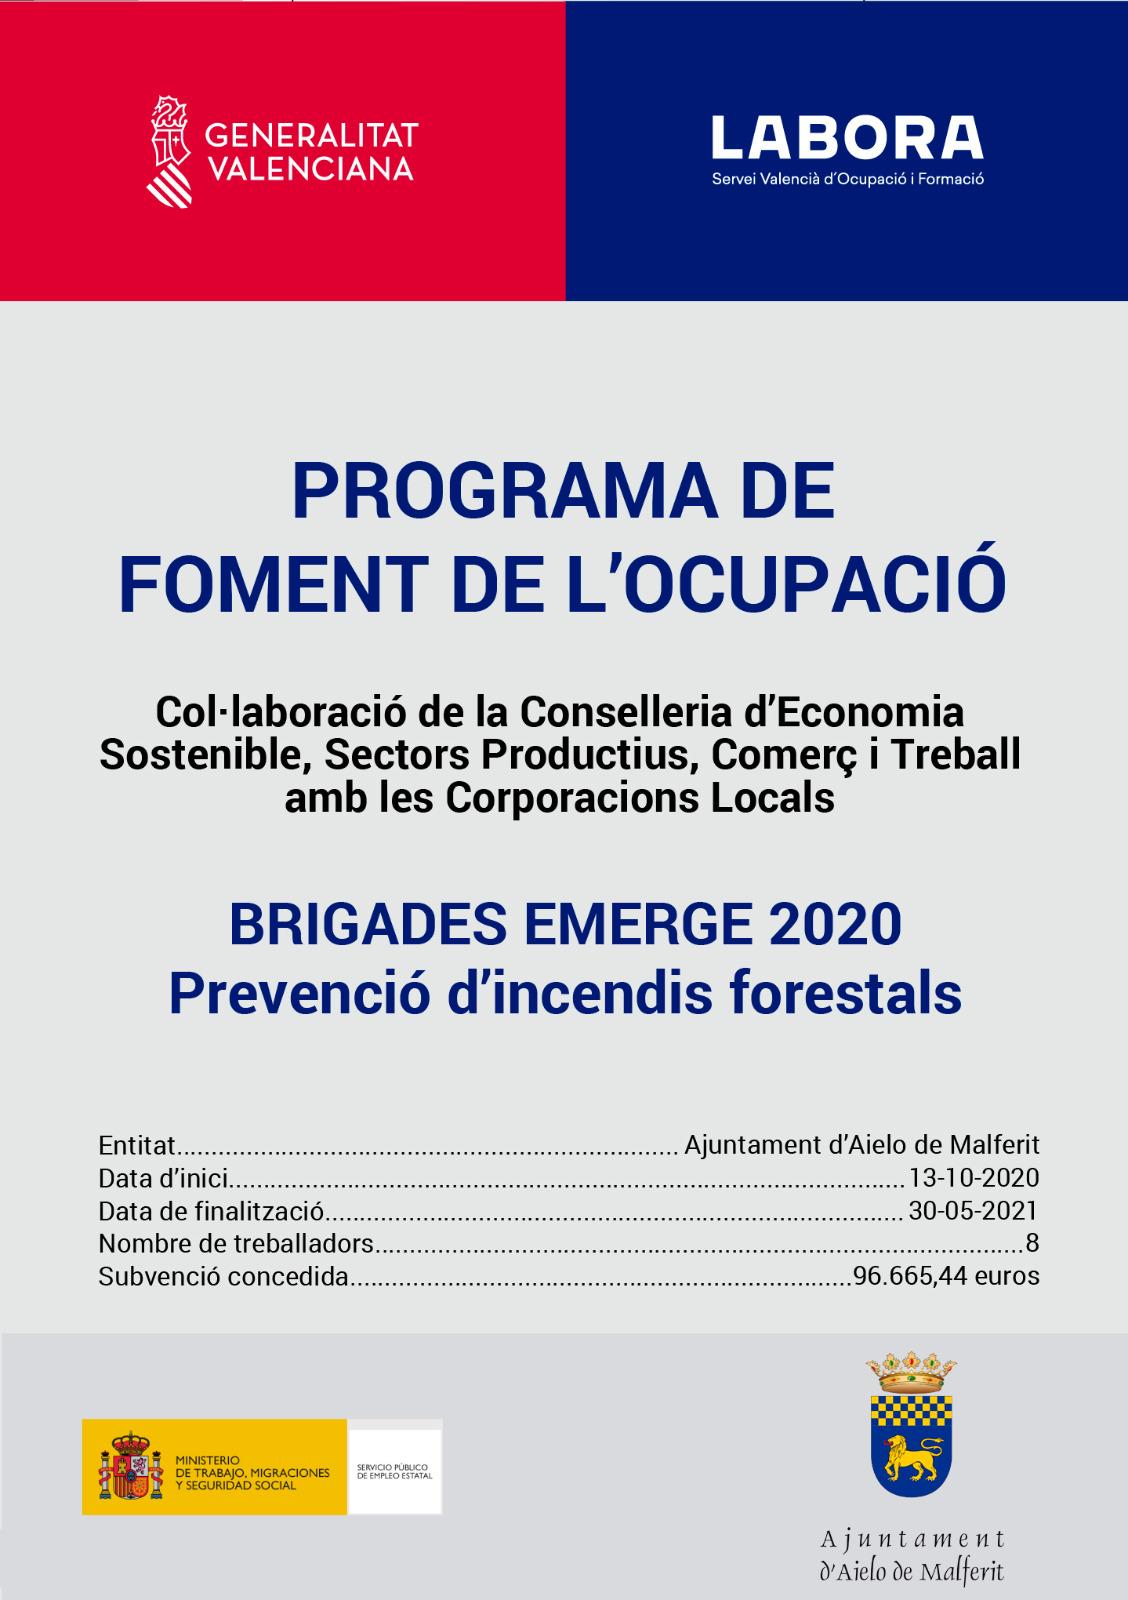 """COMENCEN ELS TREBALLS DE PREVENCIÓ D'INCENDIS AL MUNICIPI """"BRIGADES EMERGE 2020"""""""